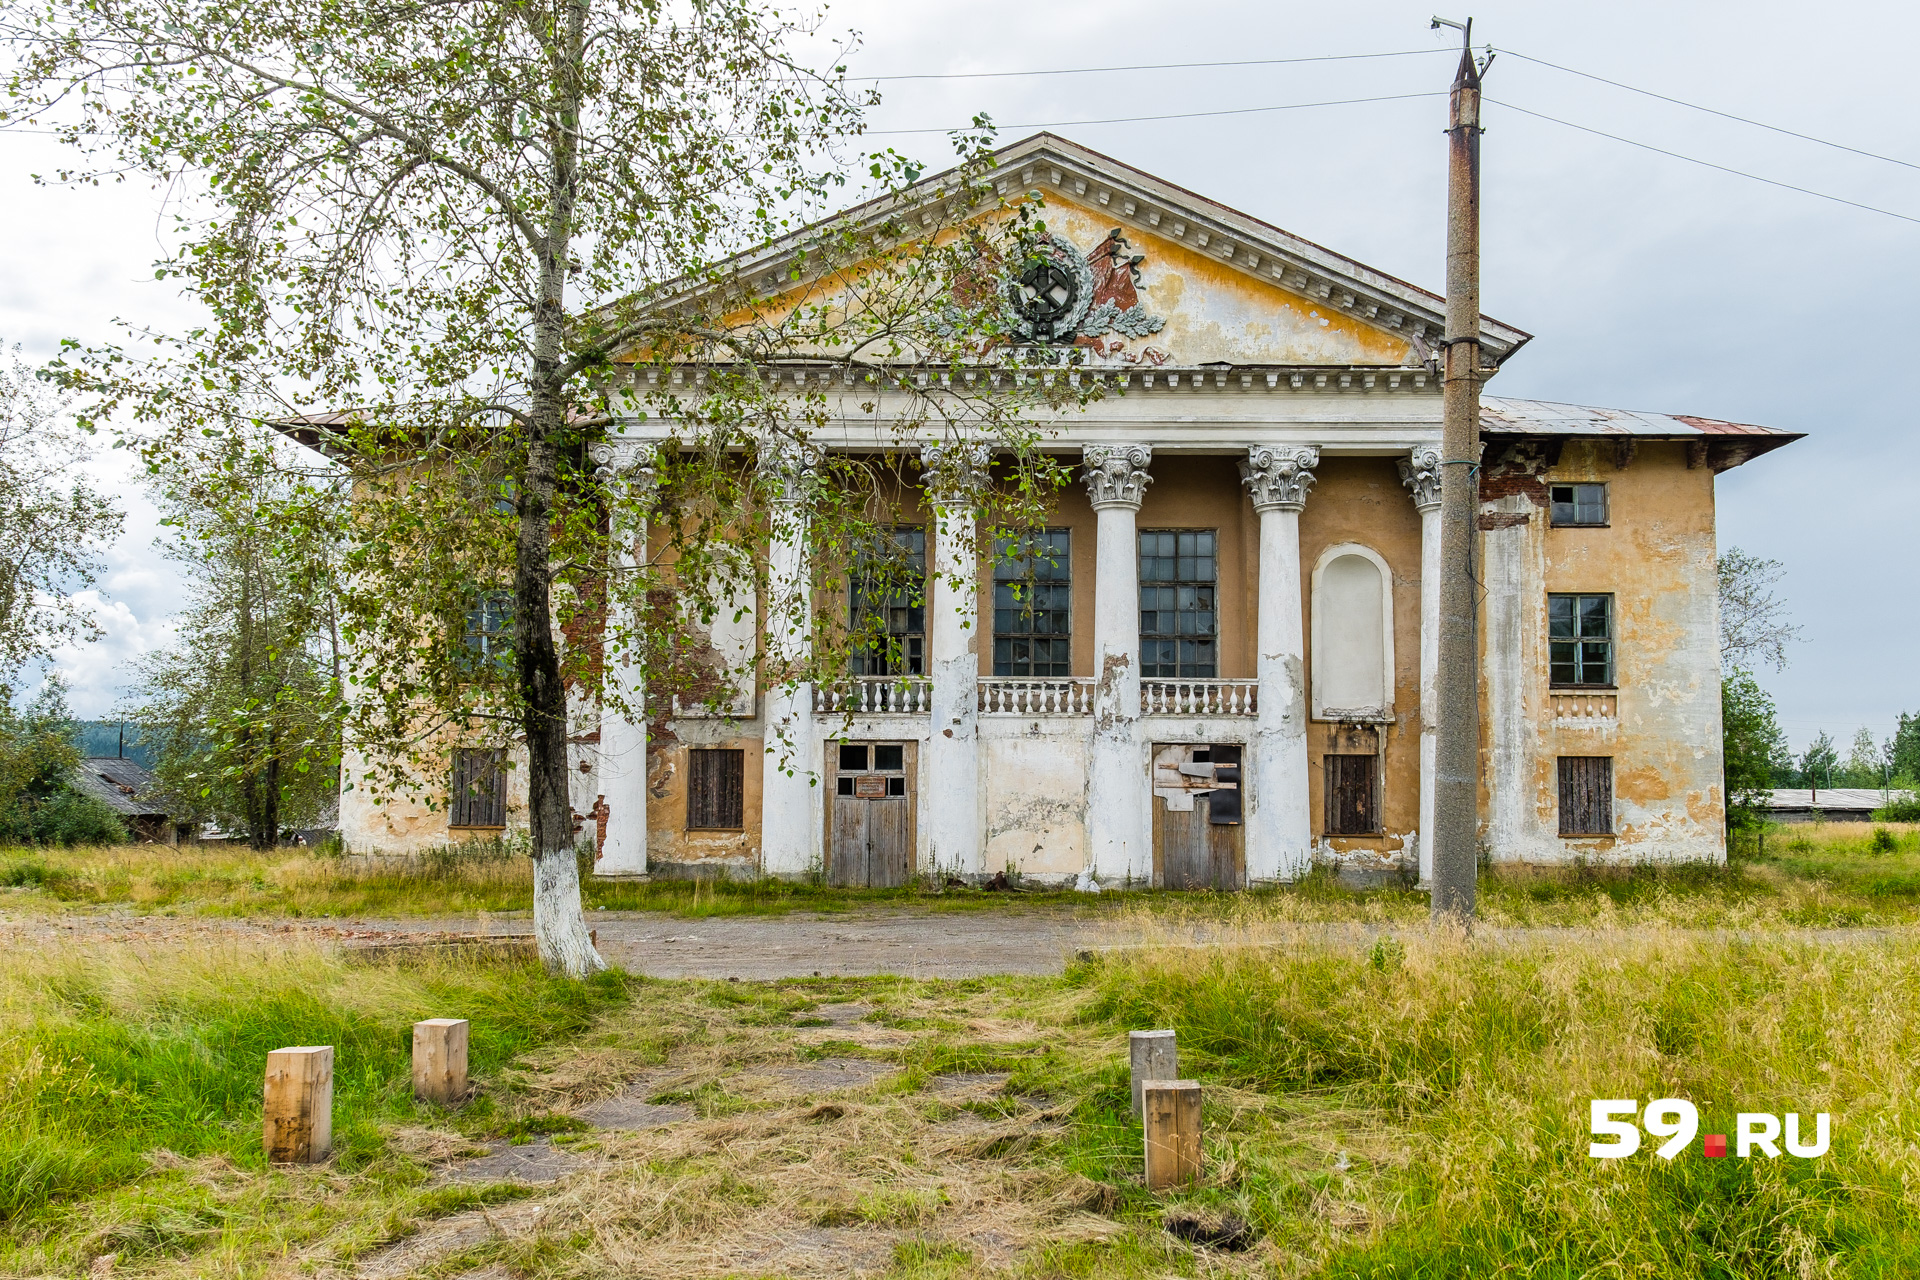 Дом культуры построен в 1958 году